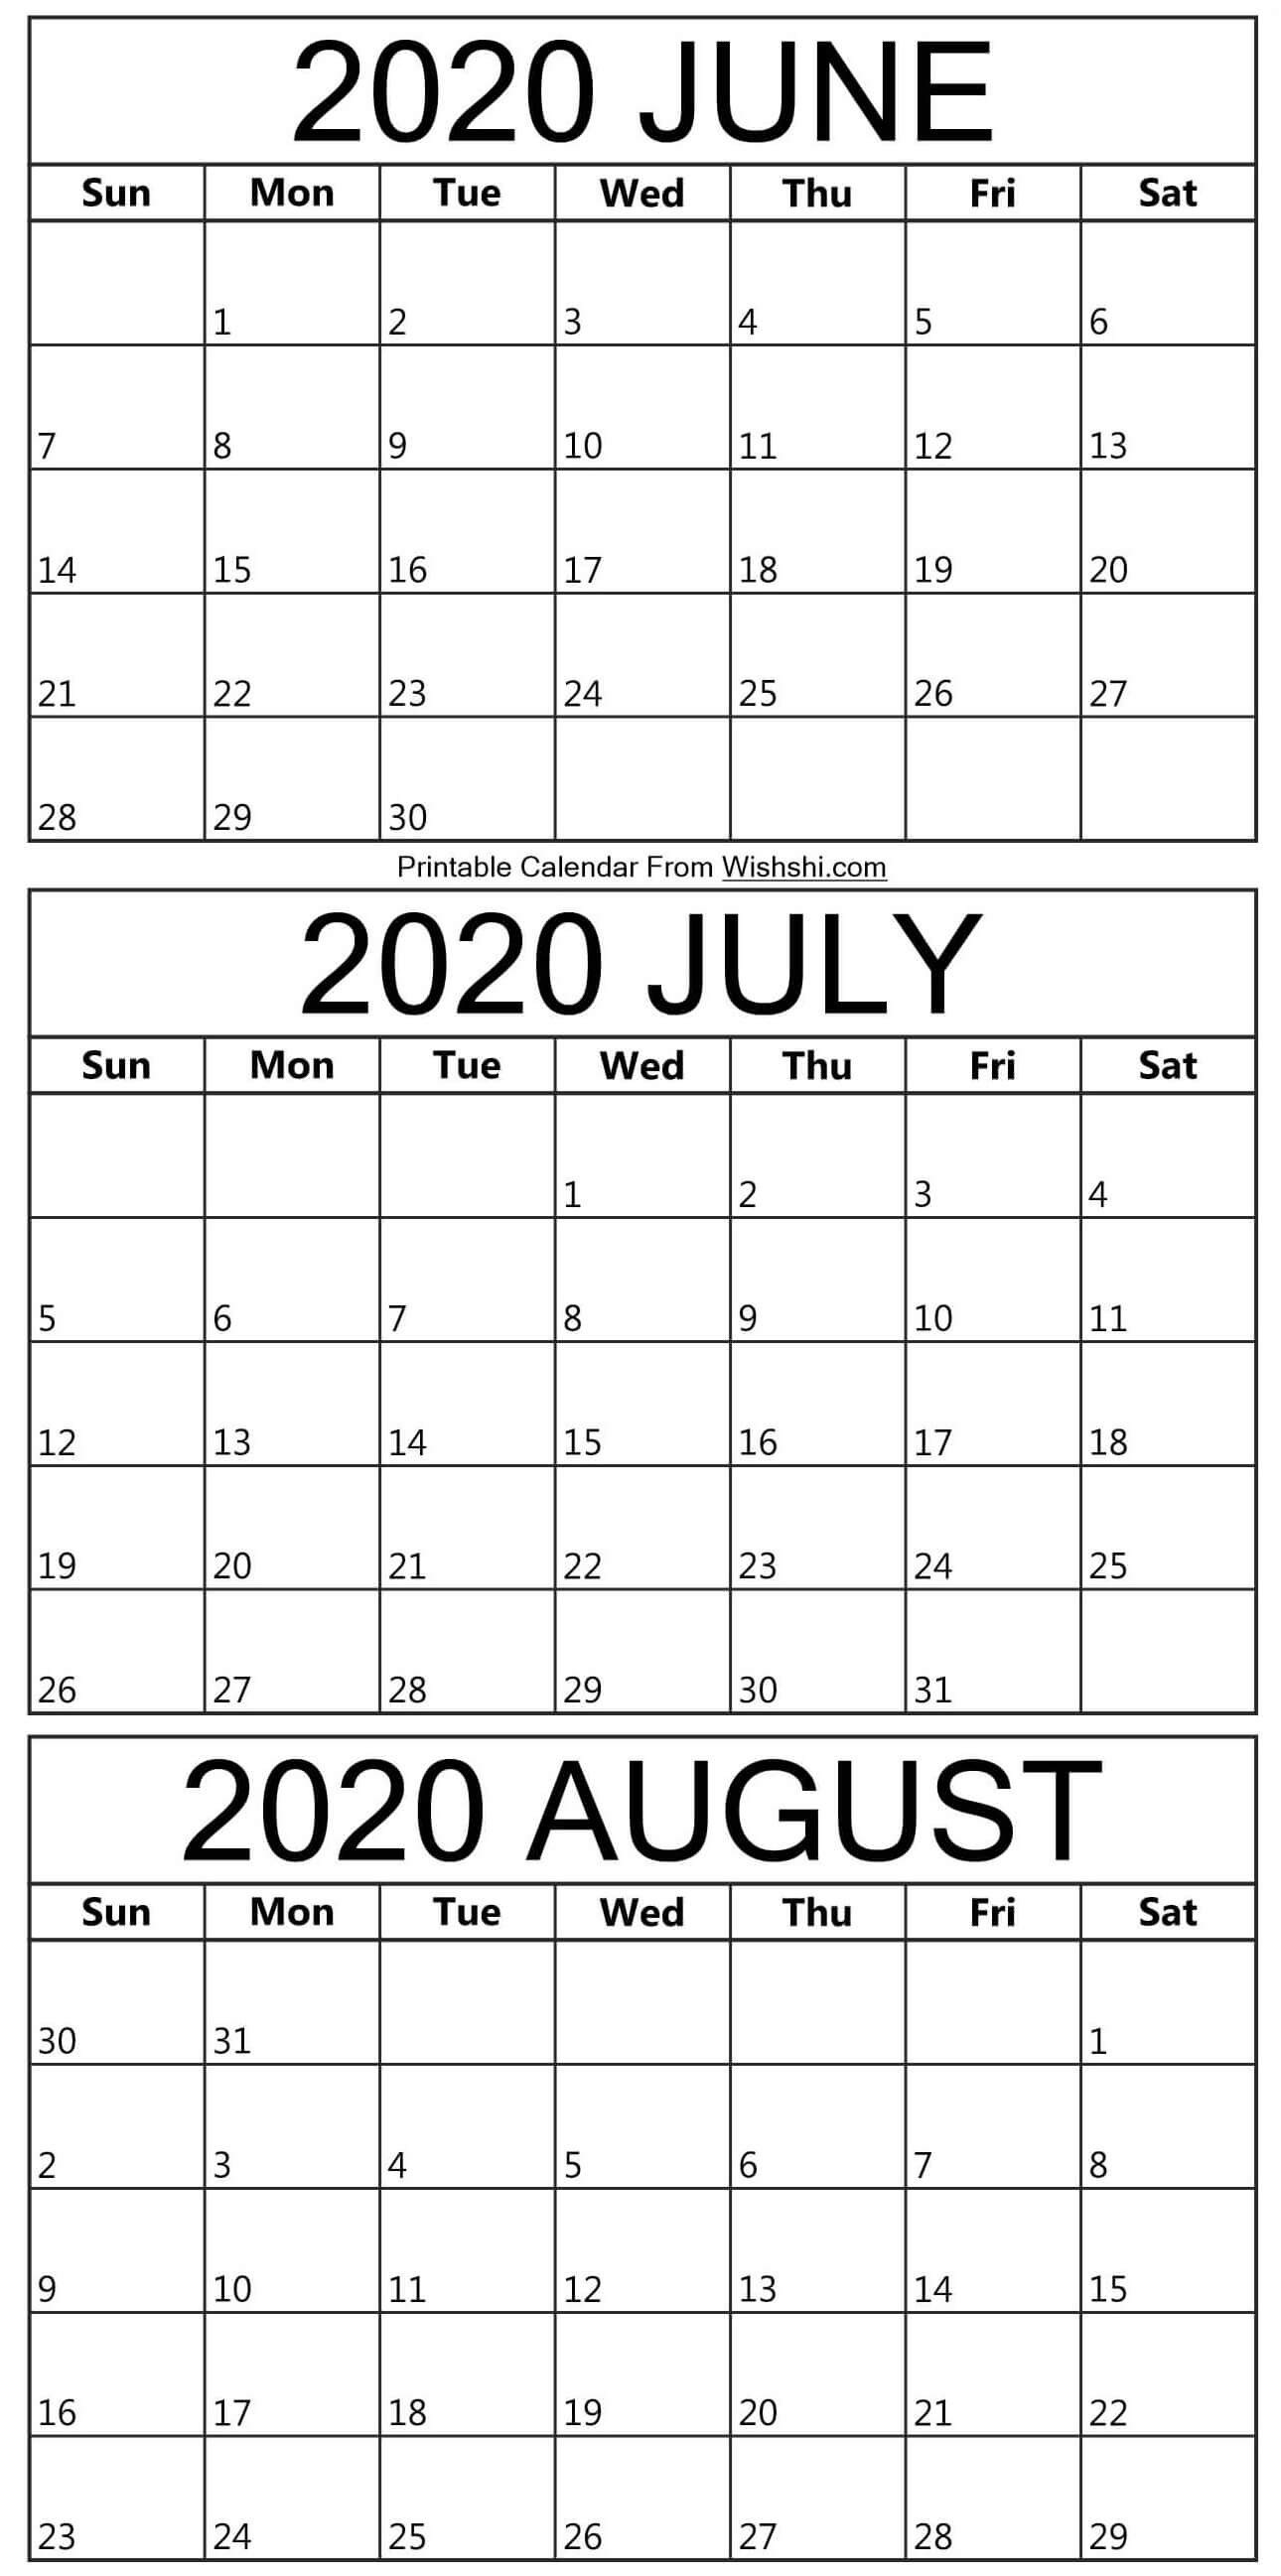 Printable June To August 2020 Calendar - Free Printable-June-August 2020 Blank Clanedars